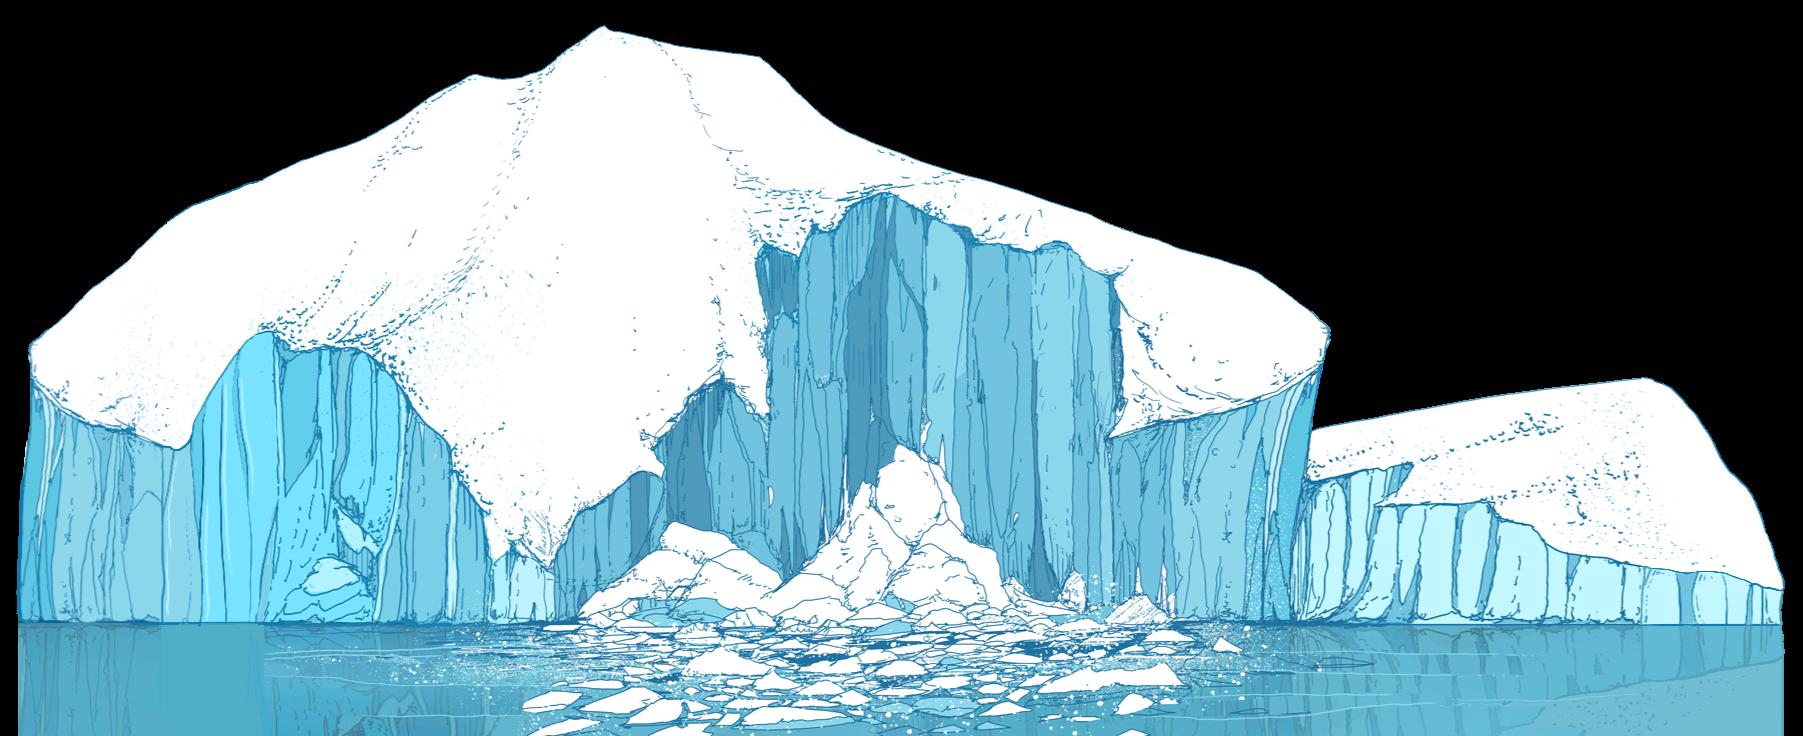 Glacier clipart biome arctic. The ocean is broken